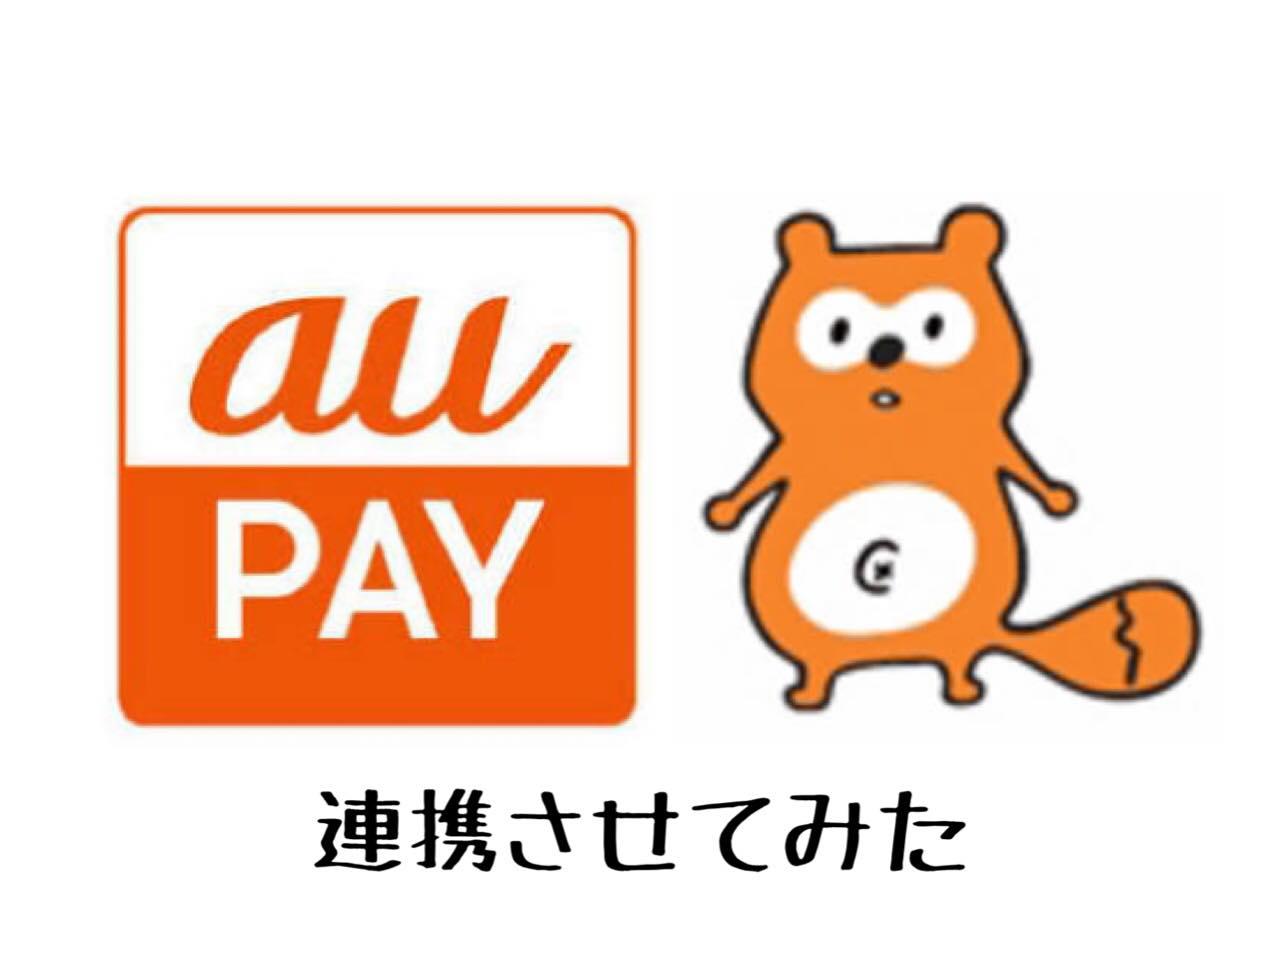 これで完璧! au PayとPontaを連携させる方法を解説したよ